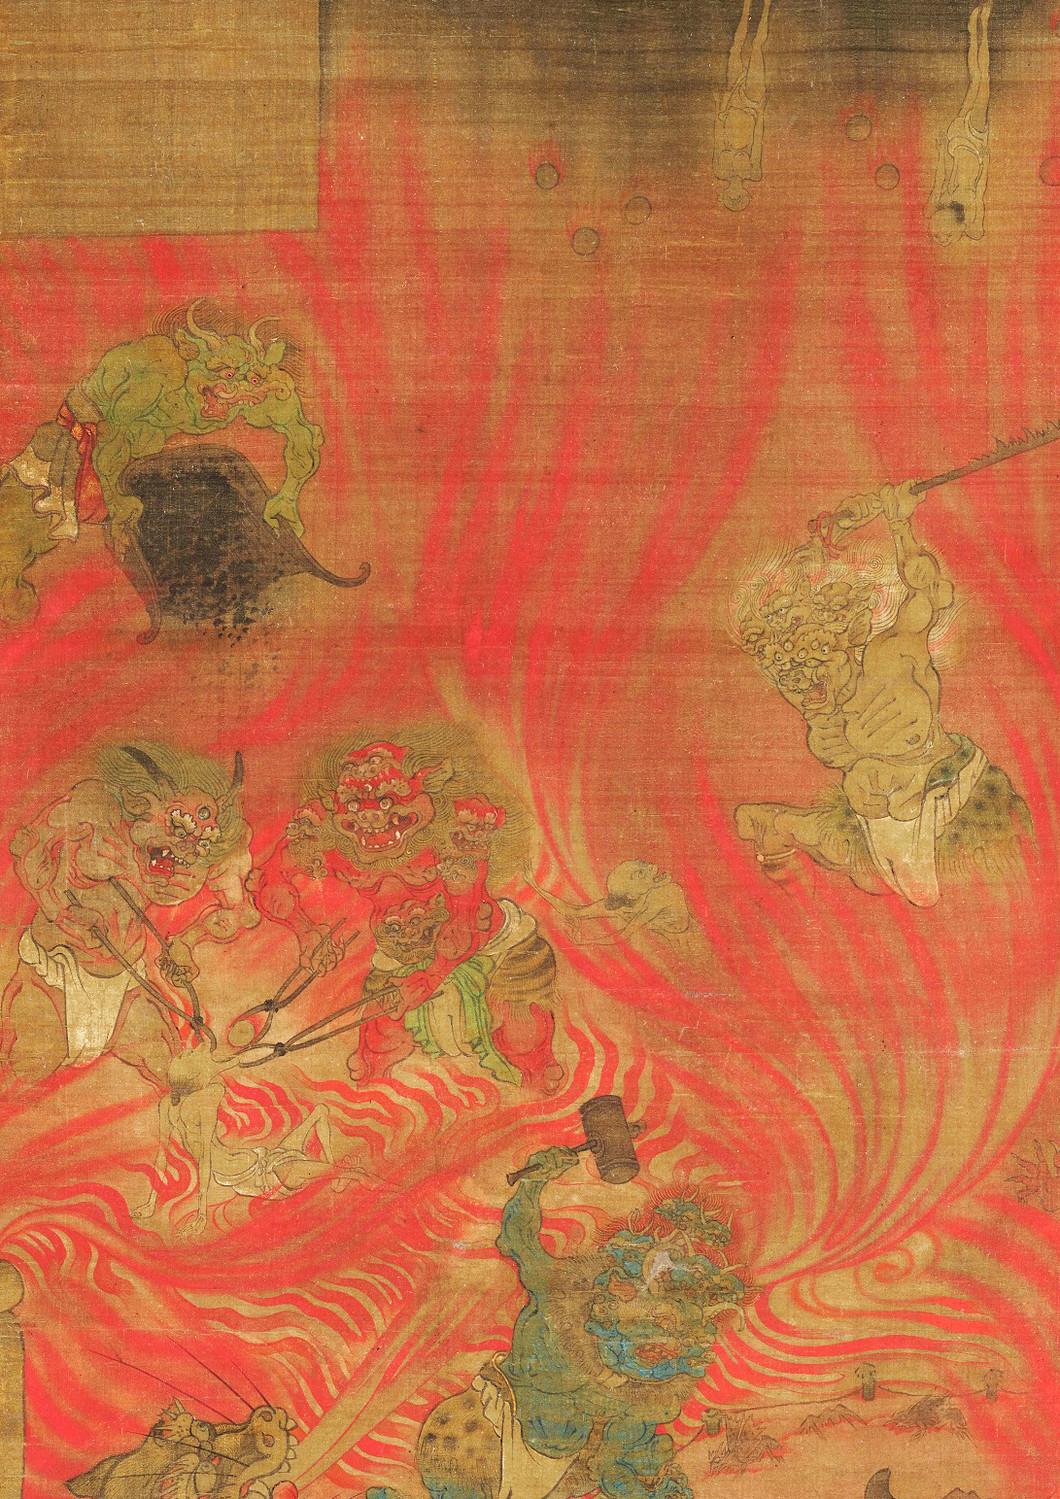 1000年忌特別展「源信 地獄・極楽への扉」